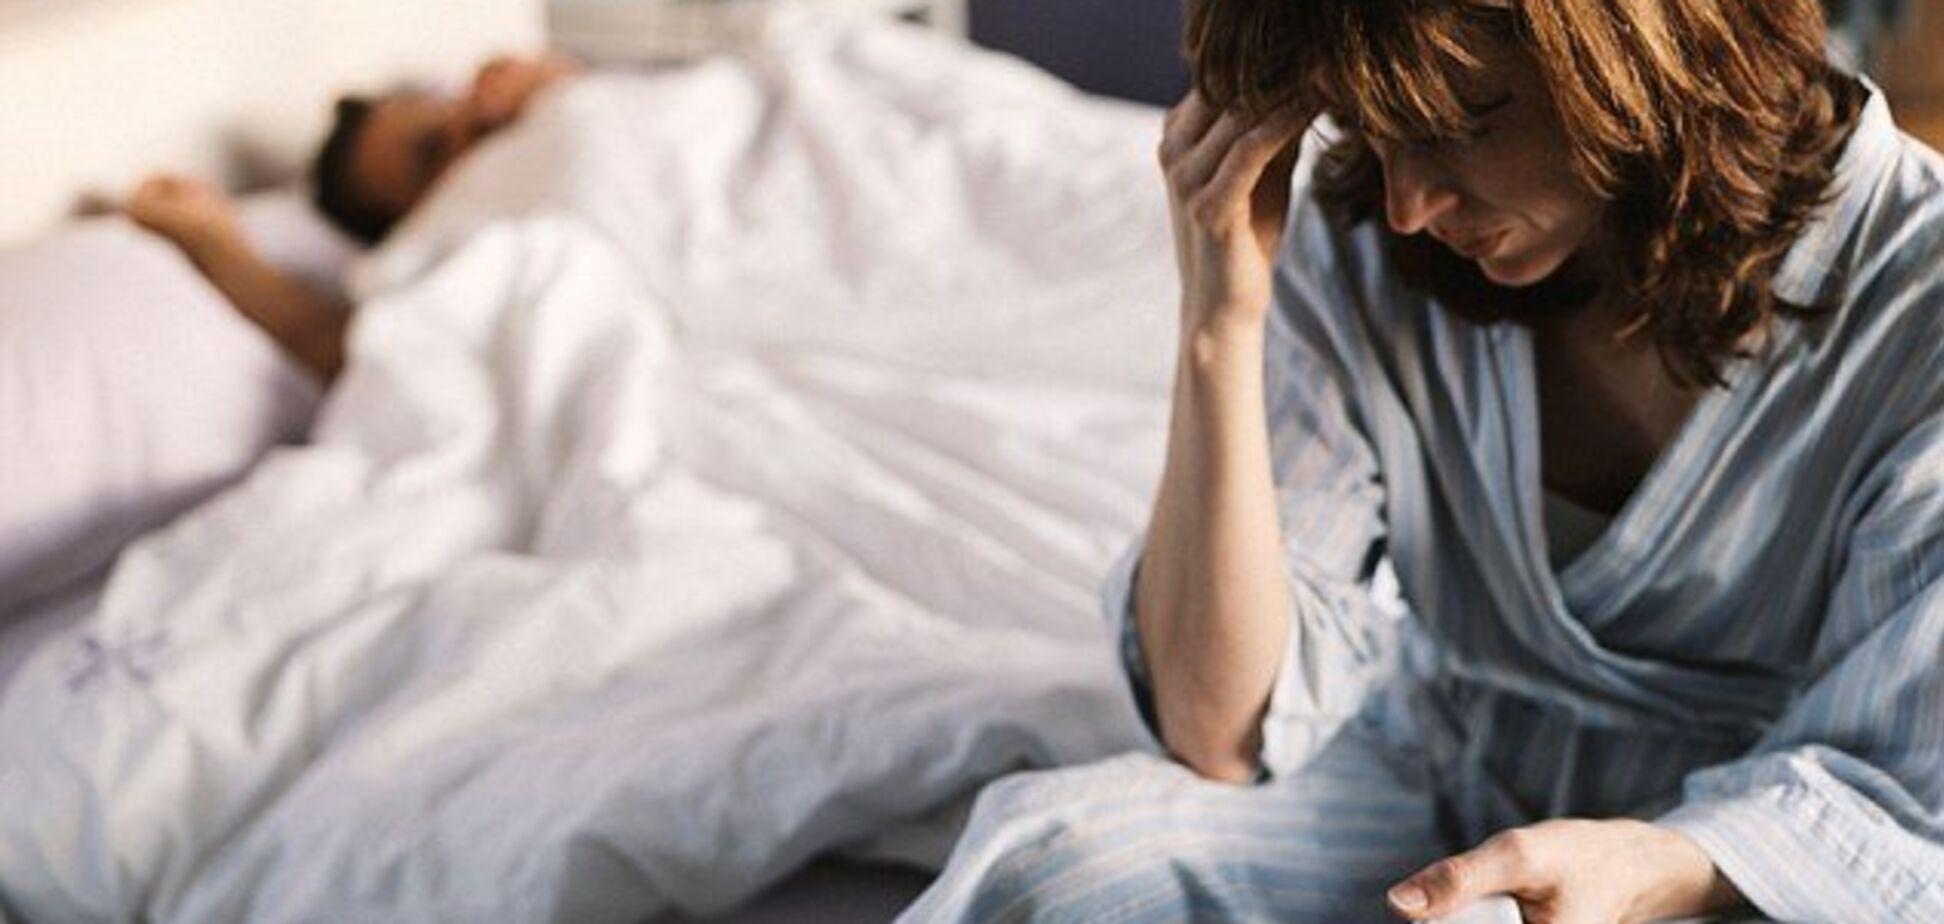 Таблетка от измены существует. 5 простых советов для пар